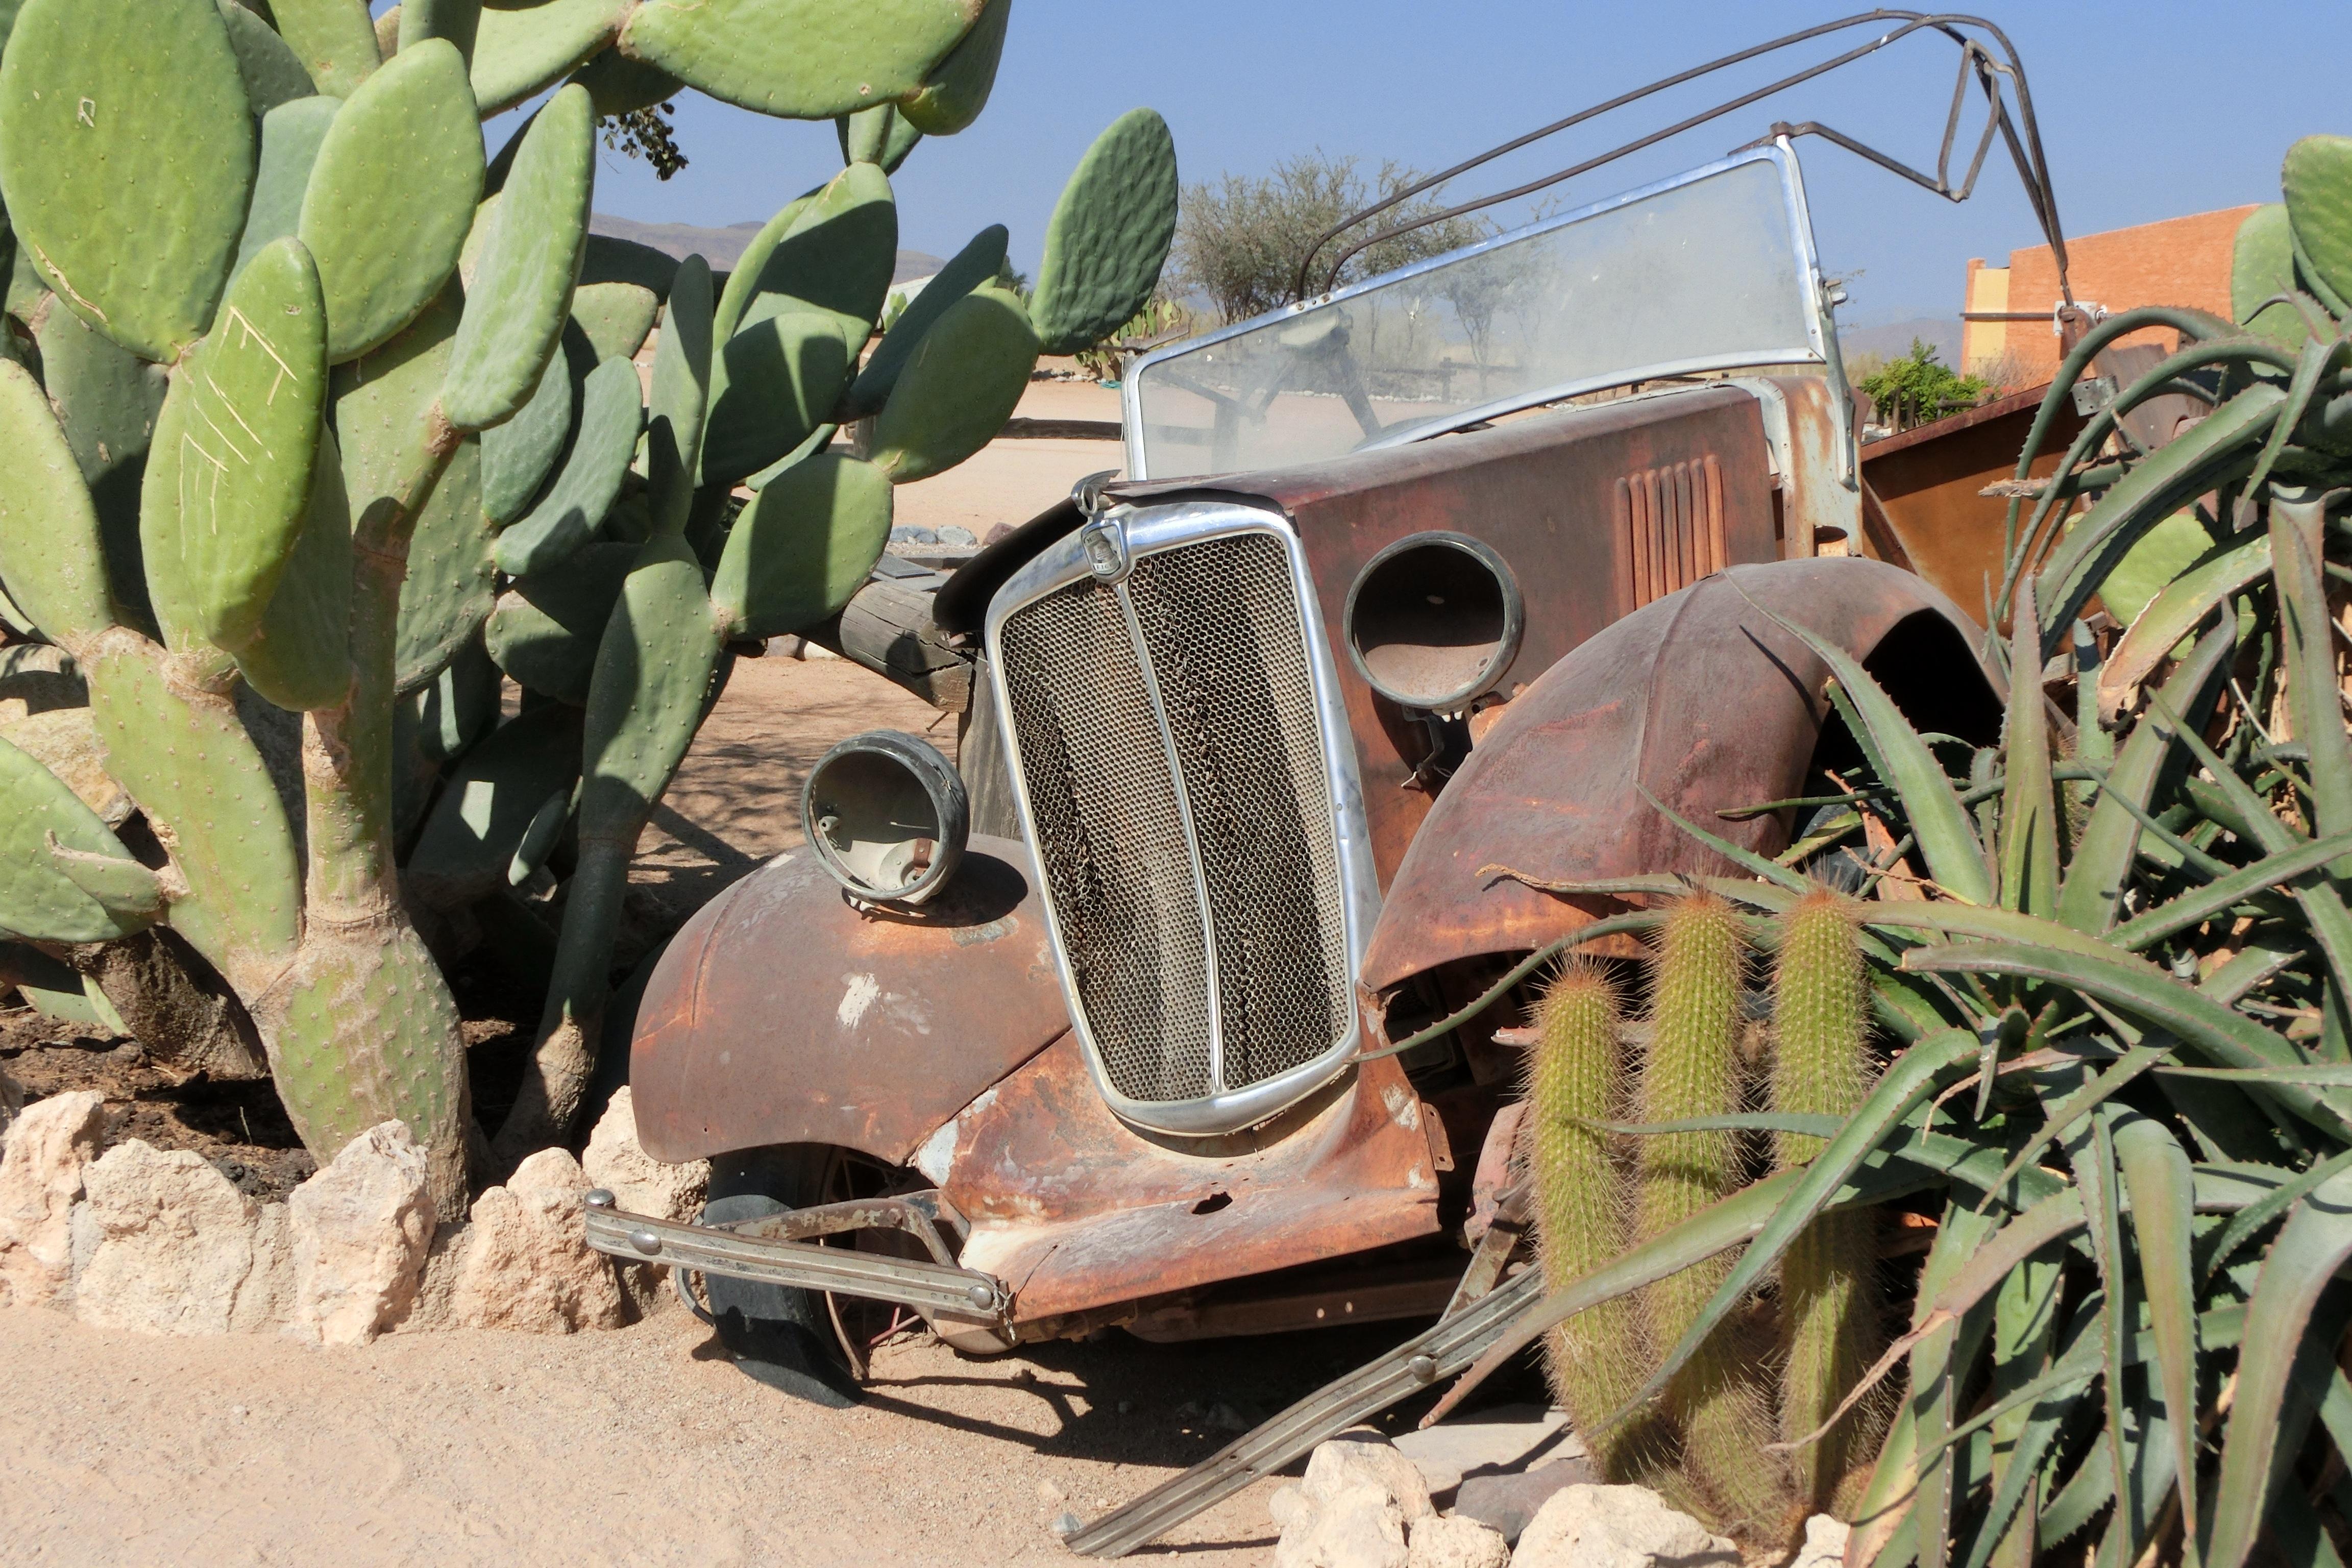 gambar kaktus menanam bunga tua militer mobil kecelakaan tahan karat tanaman berbunga. Black Bedroom Furniture Sets. Home Design Ideas